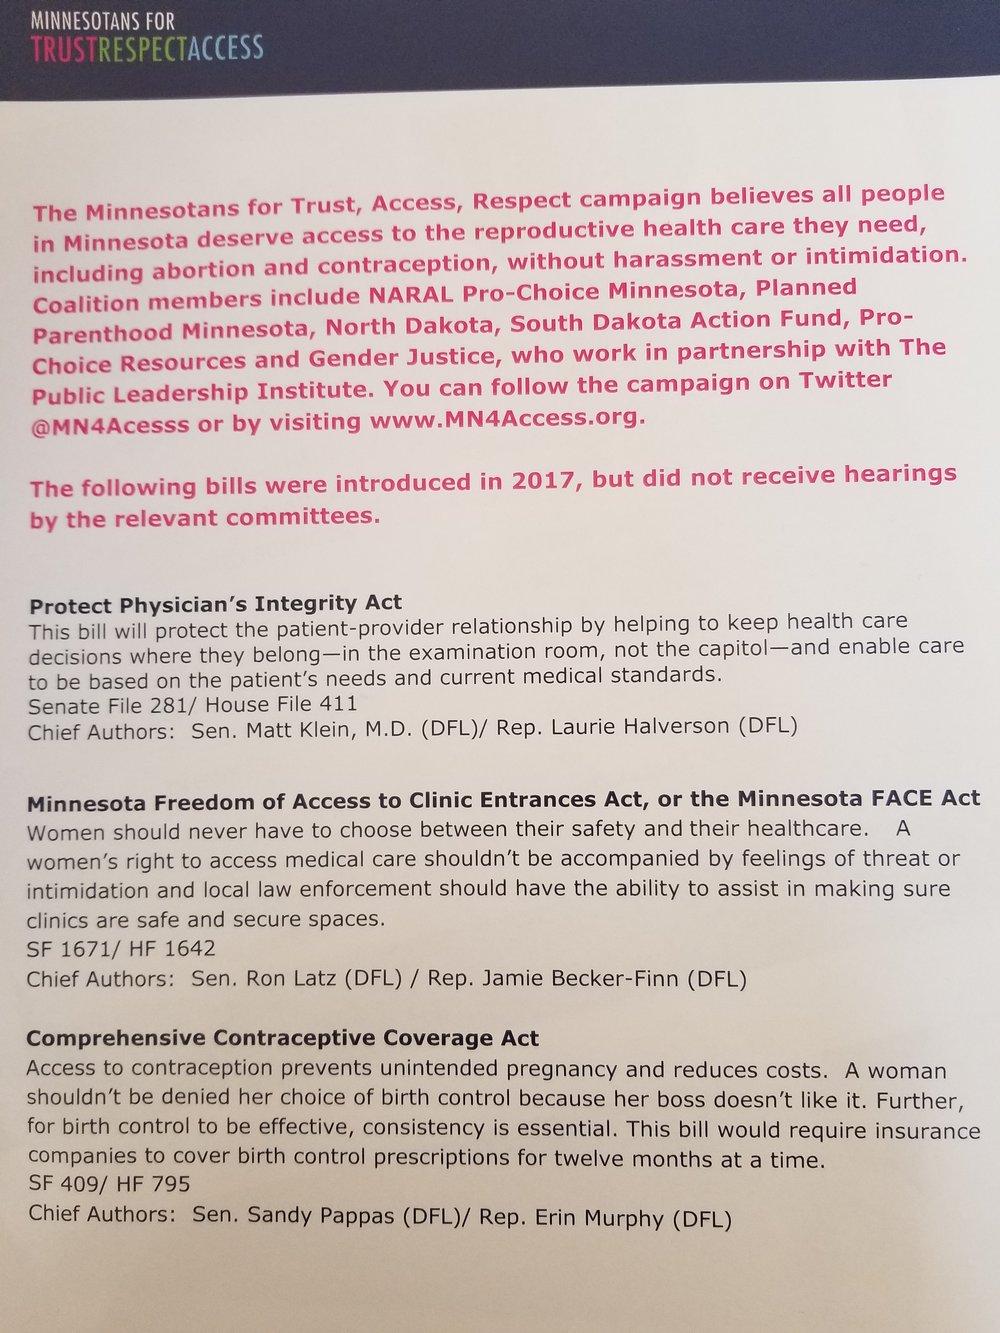 Minnesotans for Trust Respect Access.jpg